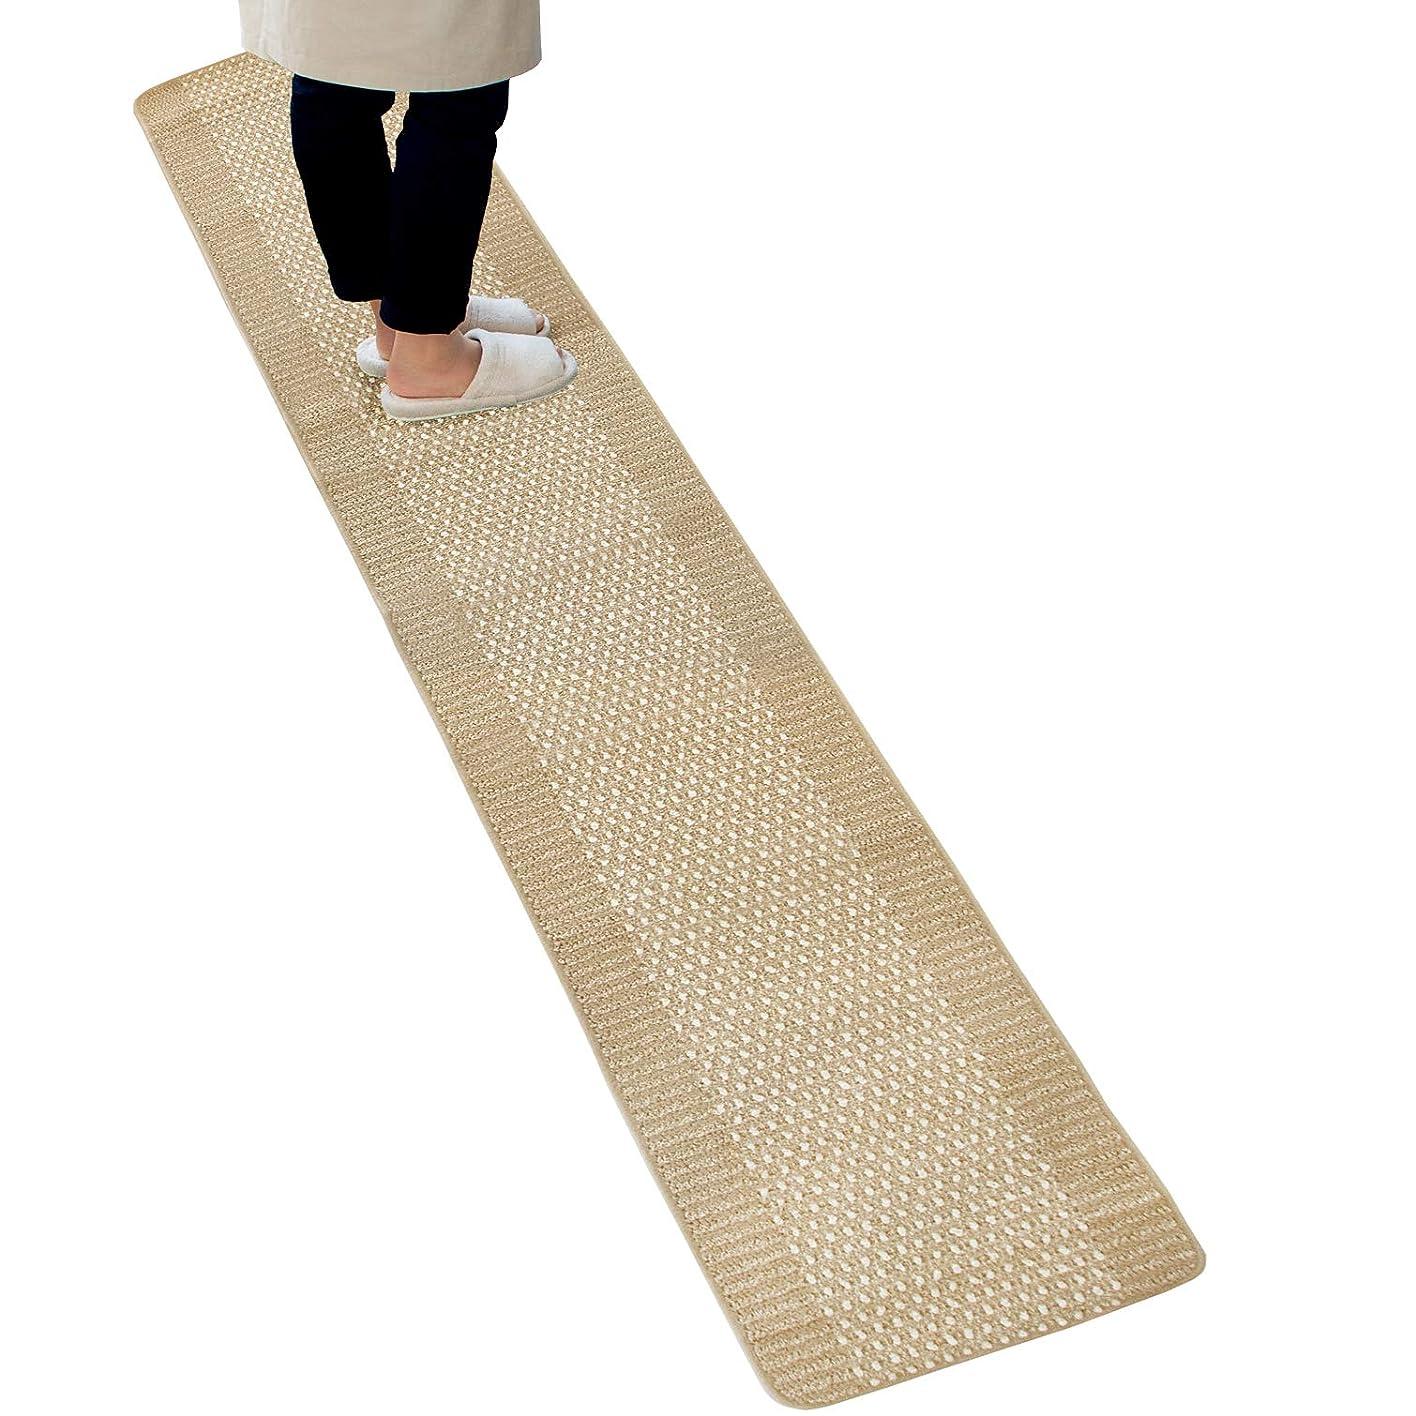 後ろ、背後、背面(部削除するベッドを作るオカ キッチンマット ベージュ 約45cm×270cm 優踏生 洗いやすい (ずれない 洗える 日本製)